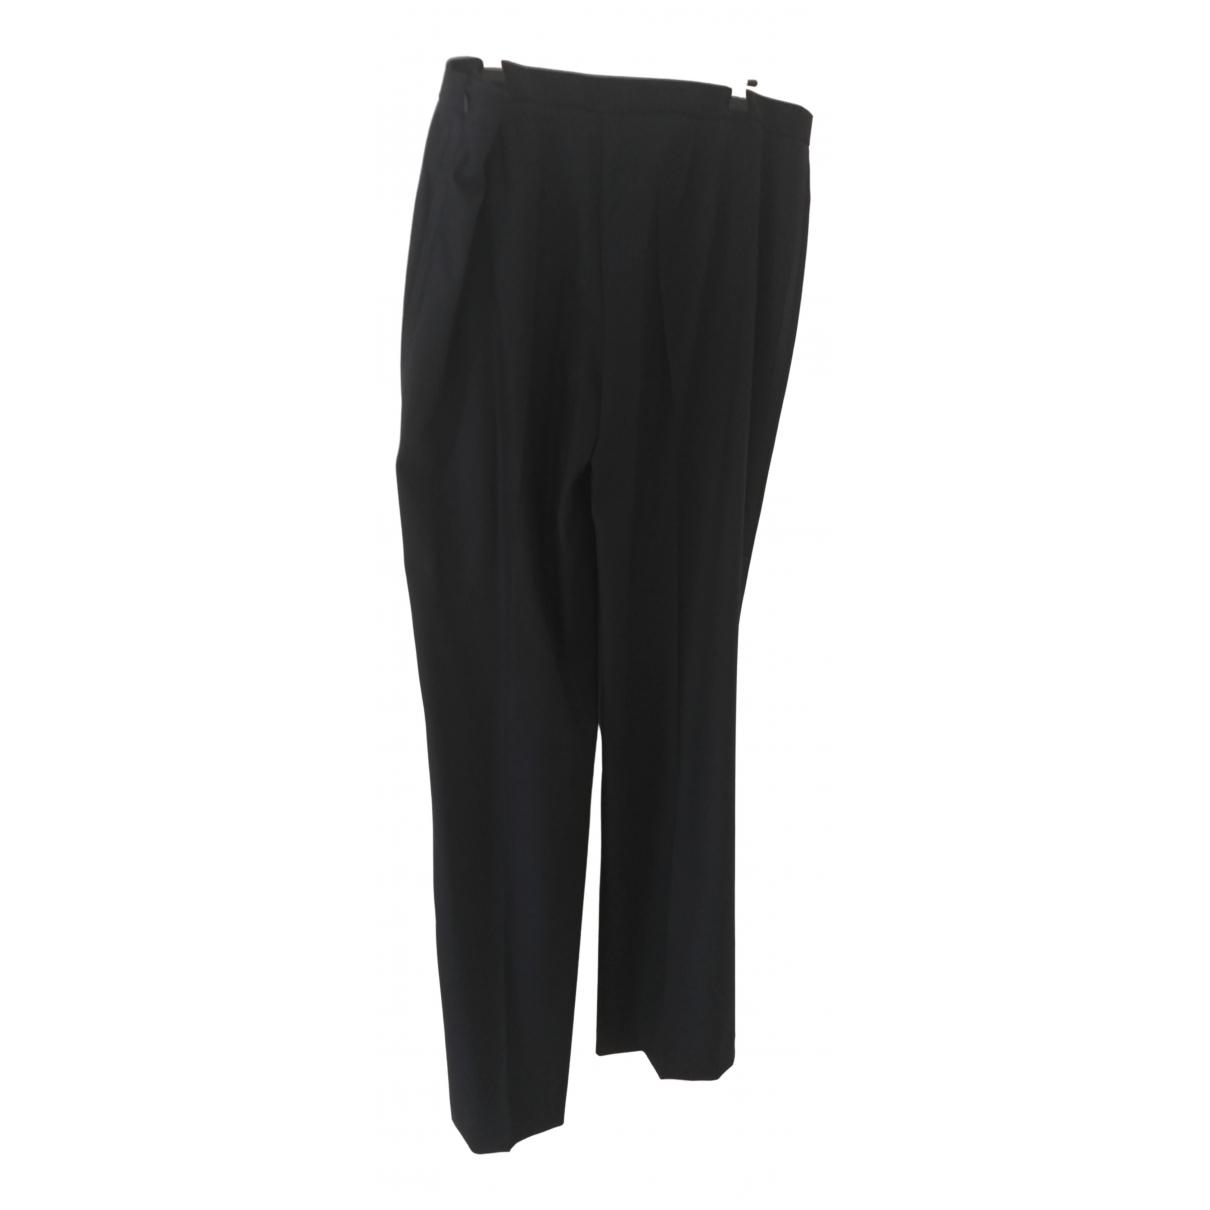 Pantalon de Lana Tory Burch